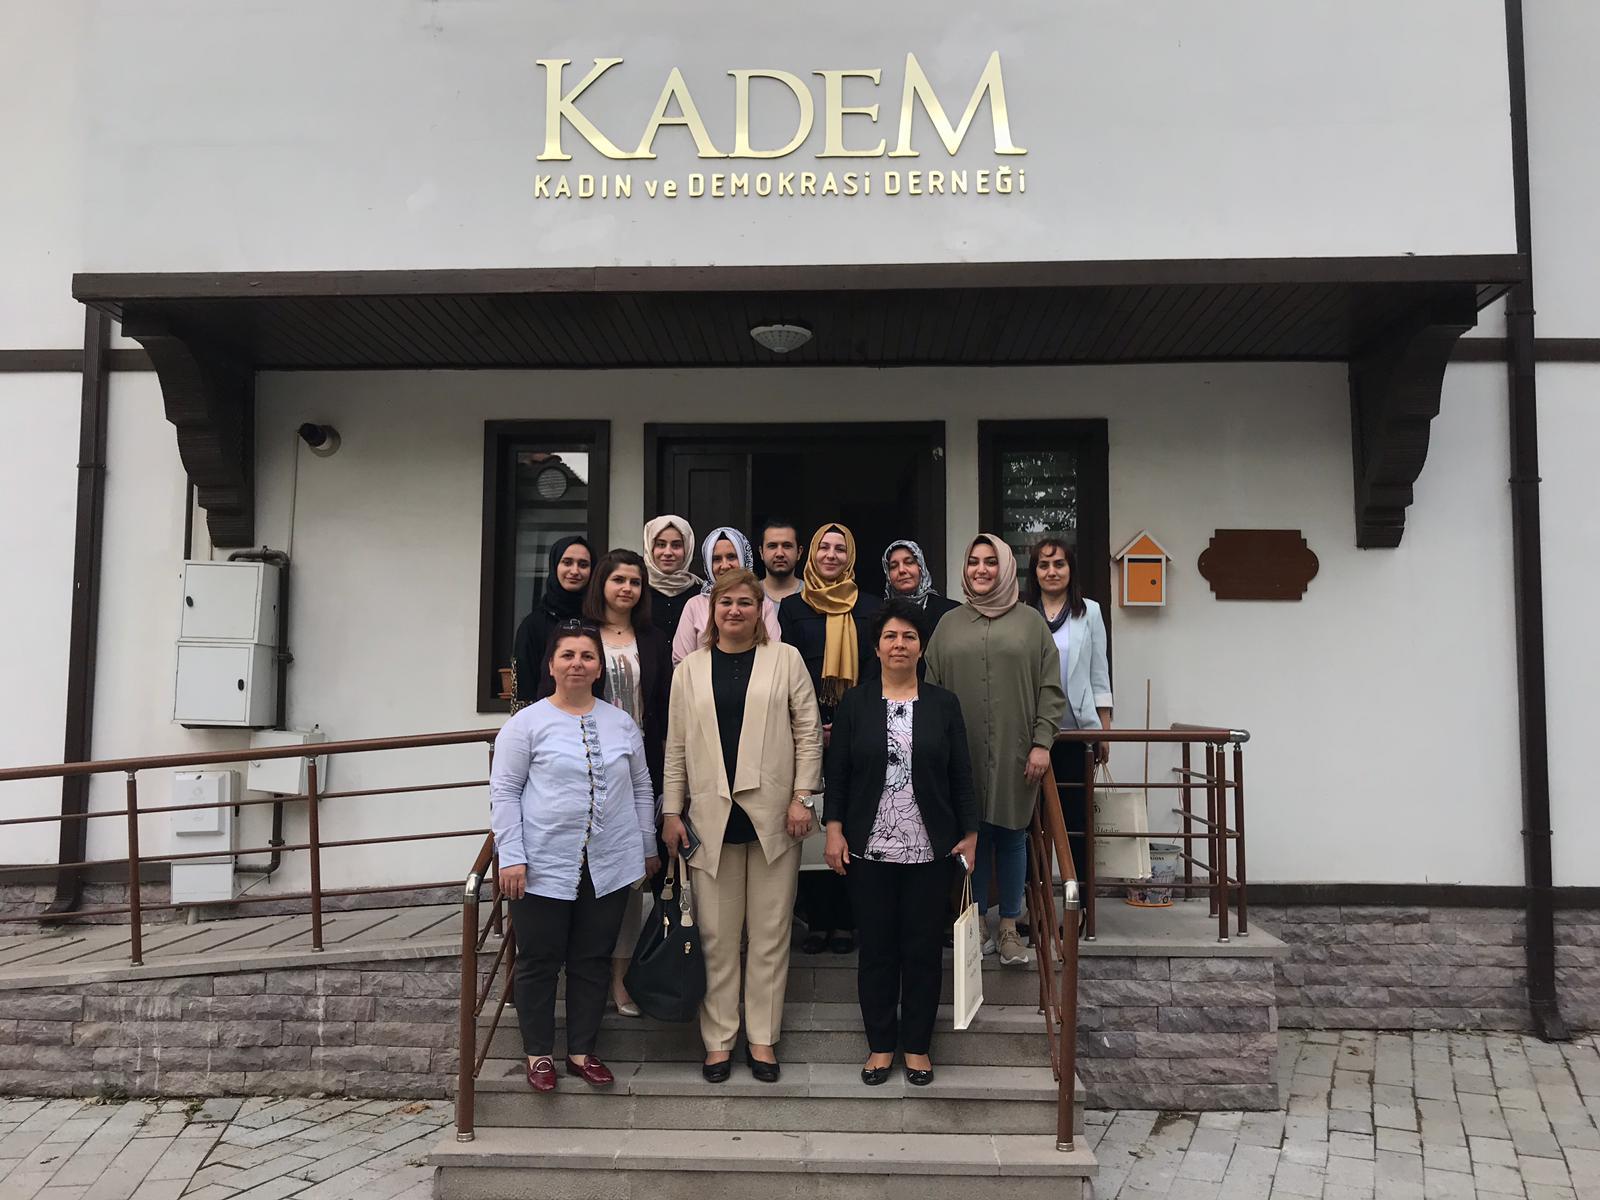 Sayın Valimizin eşi Dr. Funda TOPRAK Hanımefendi ve İl Müdürümüz Sayın Hülya ŞEVİK Konya Kadın ve Demokrasi Derneğini (KADEM) ziyaret etti.